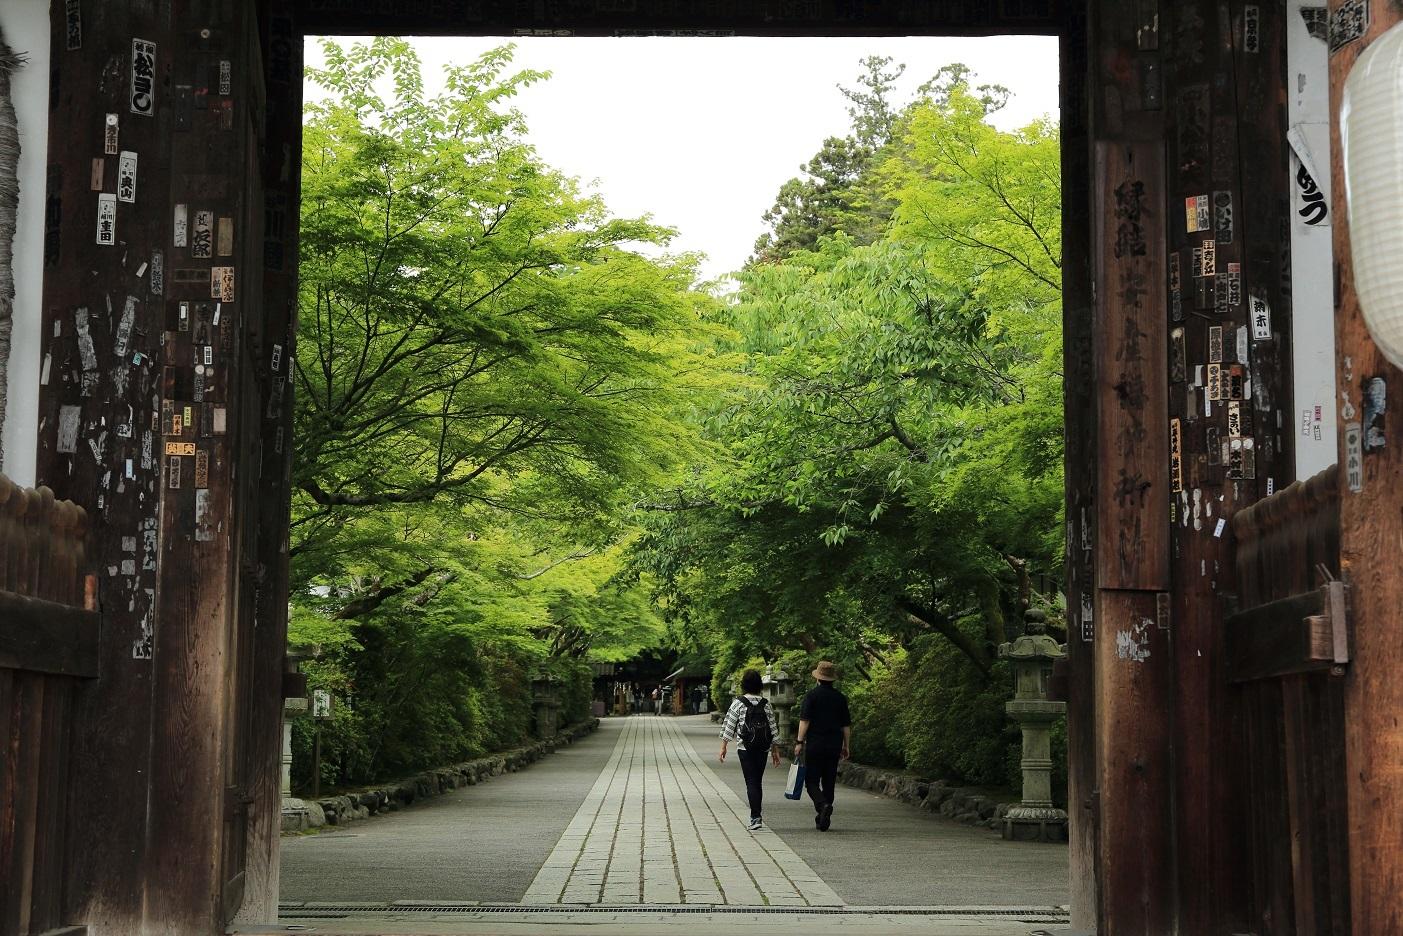 2017 5 28 石山寺 東大門 ブログ用.jpg